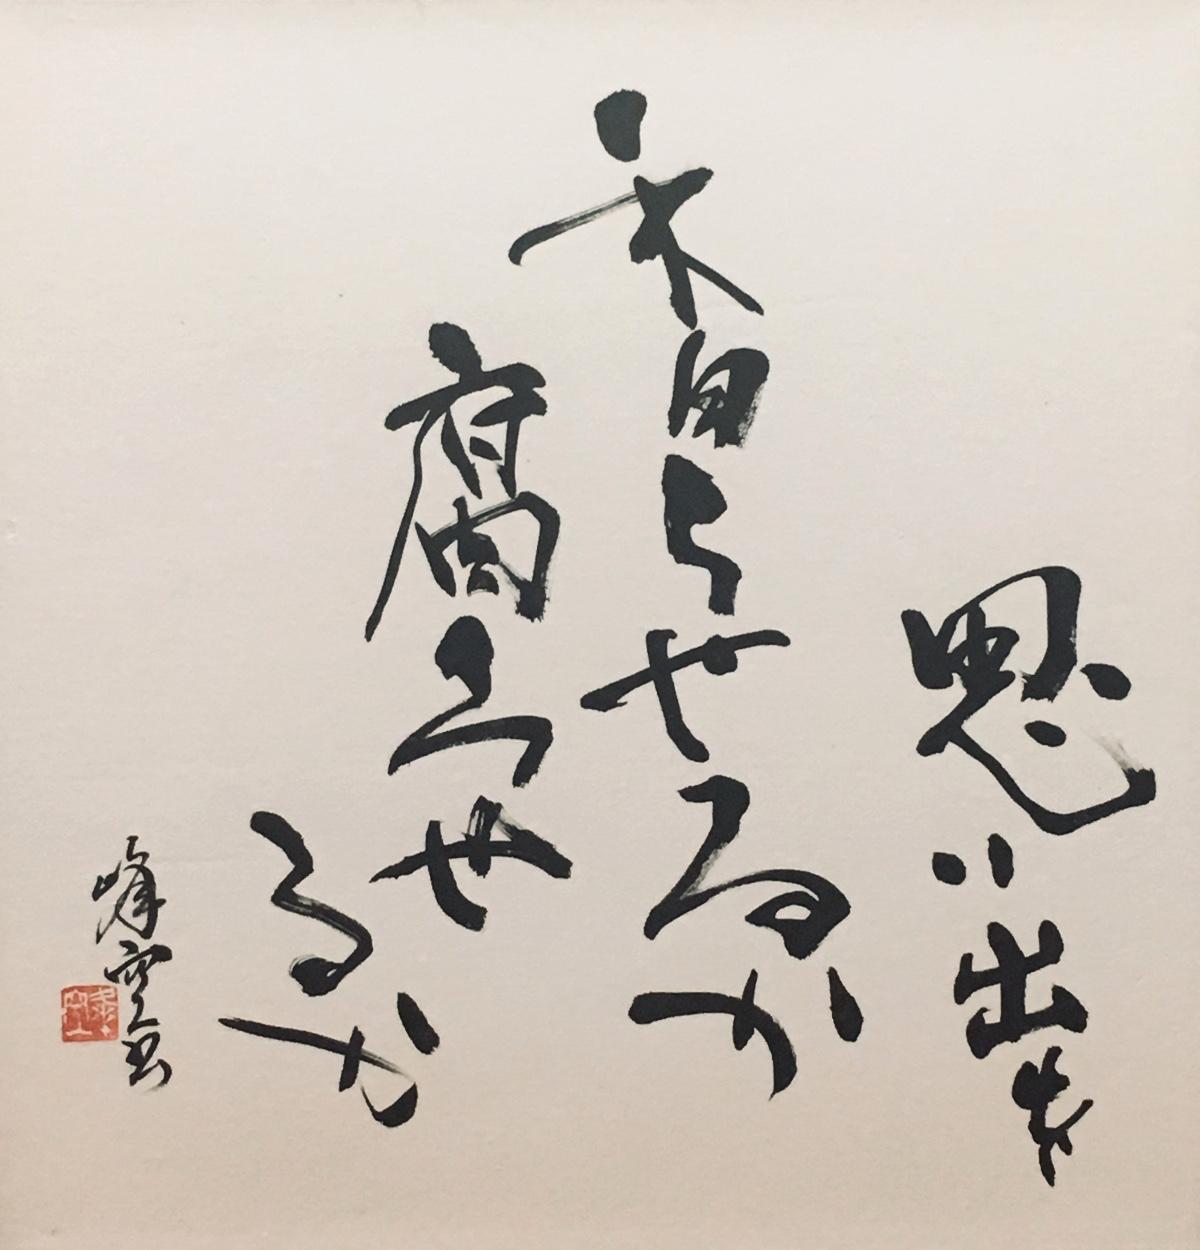 飯田峰空 個展「かもしだす」